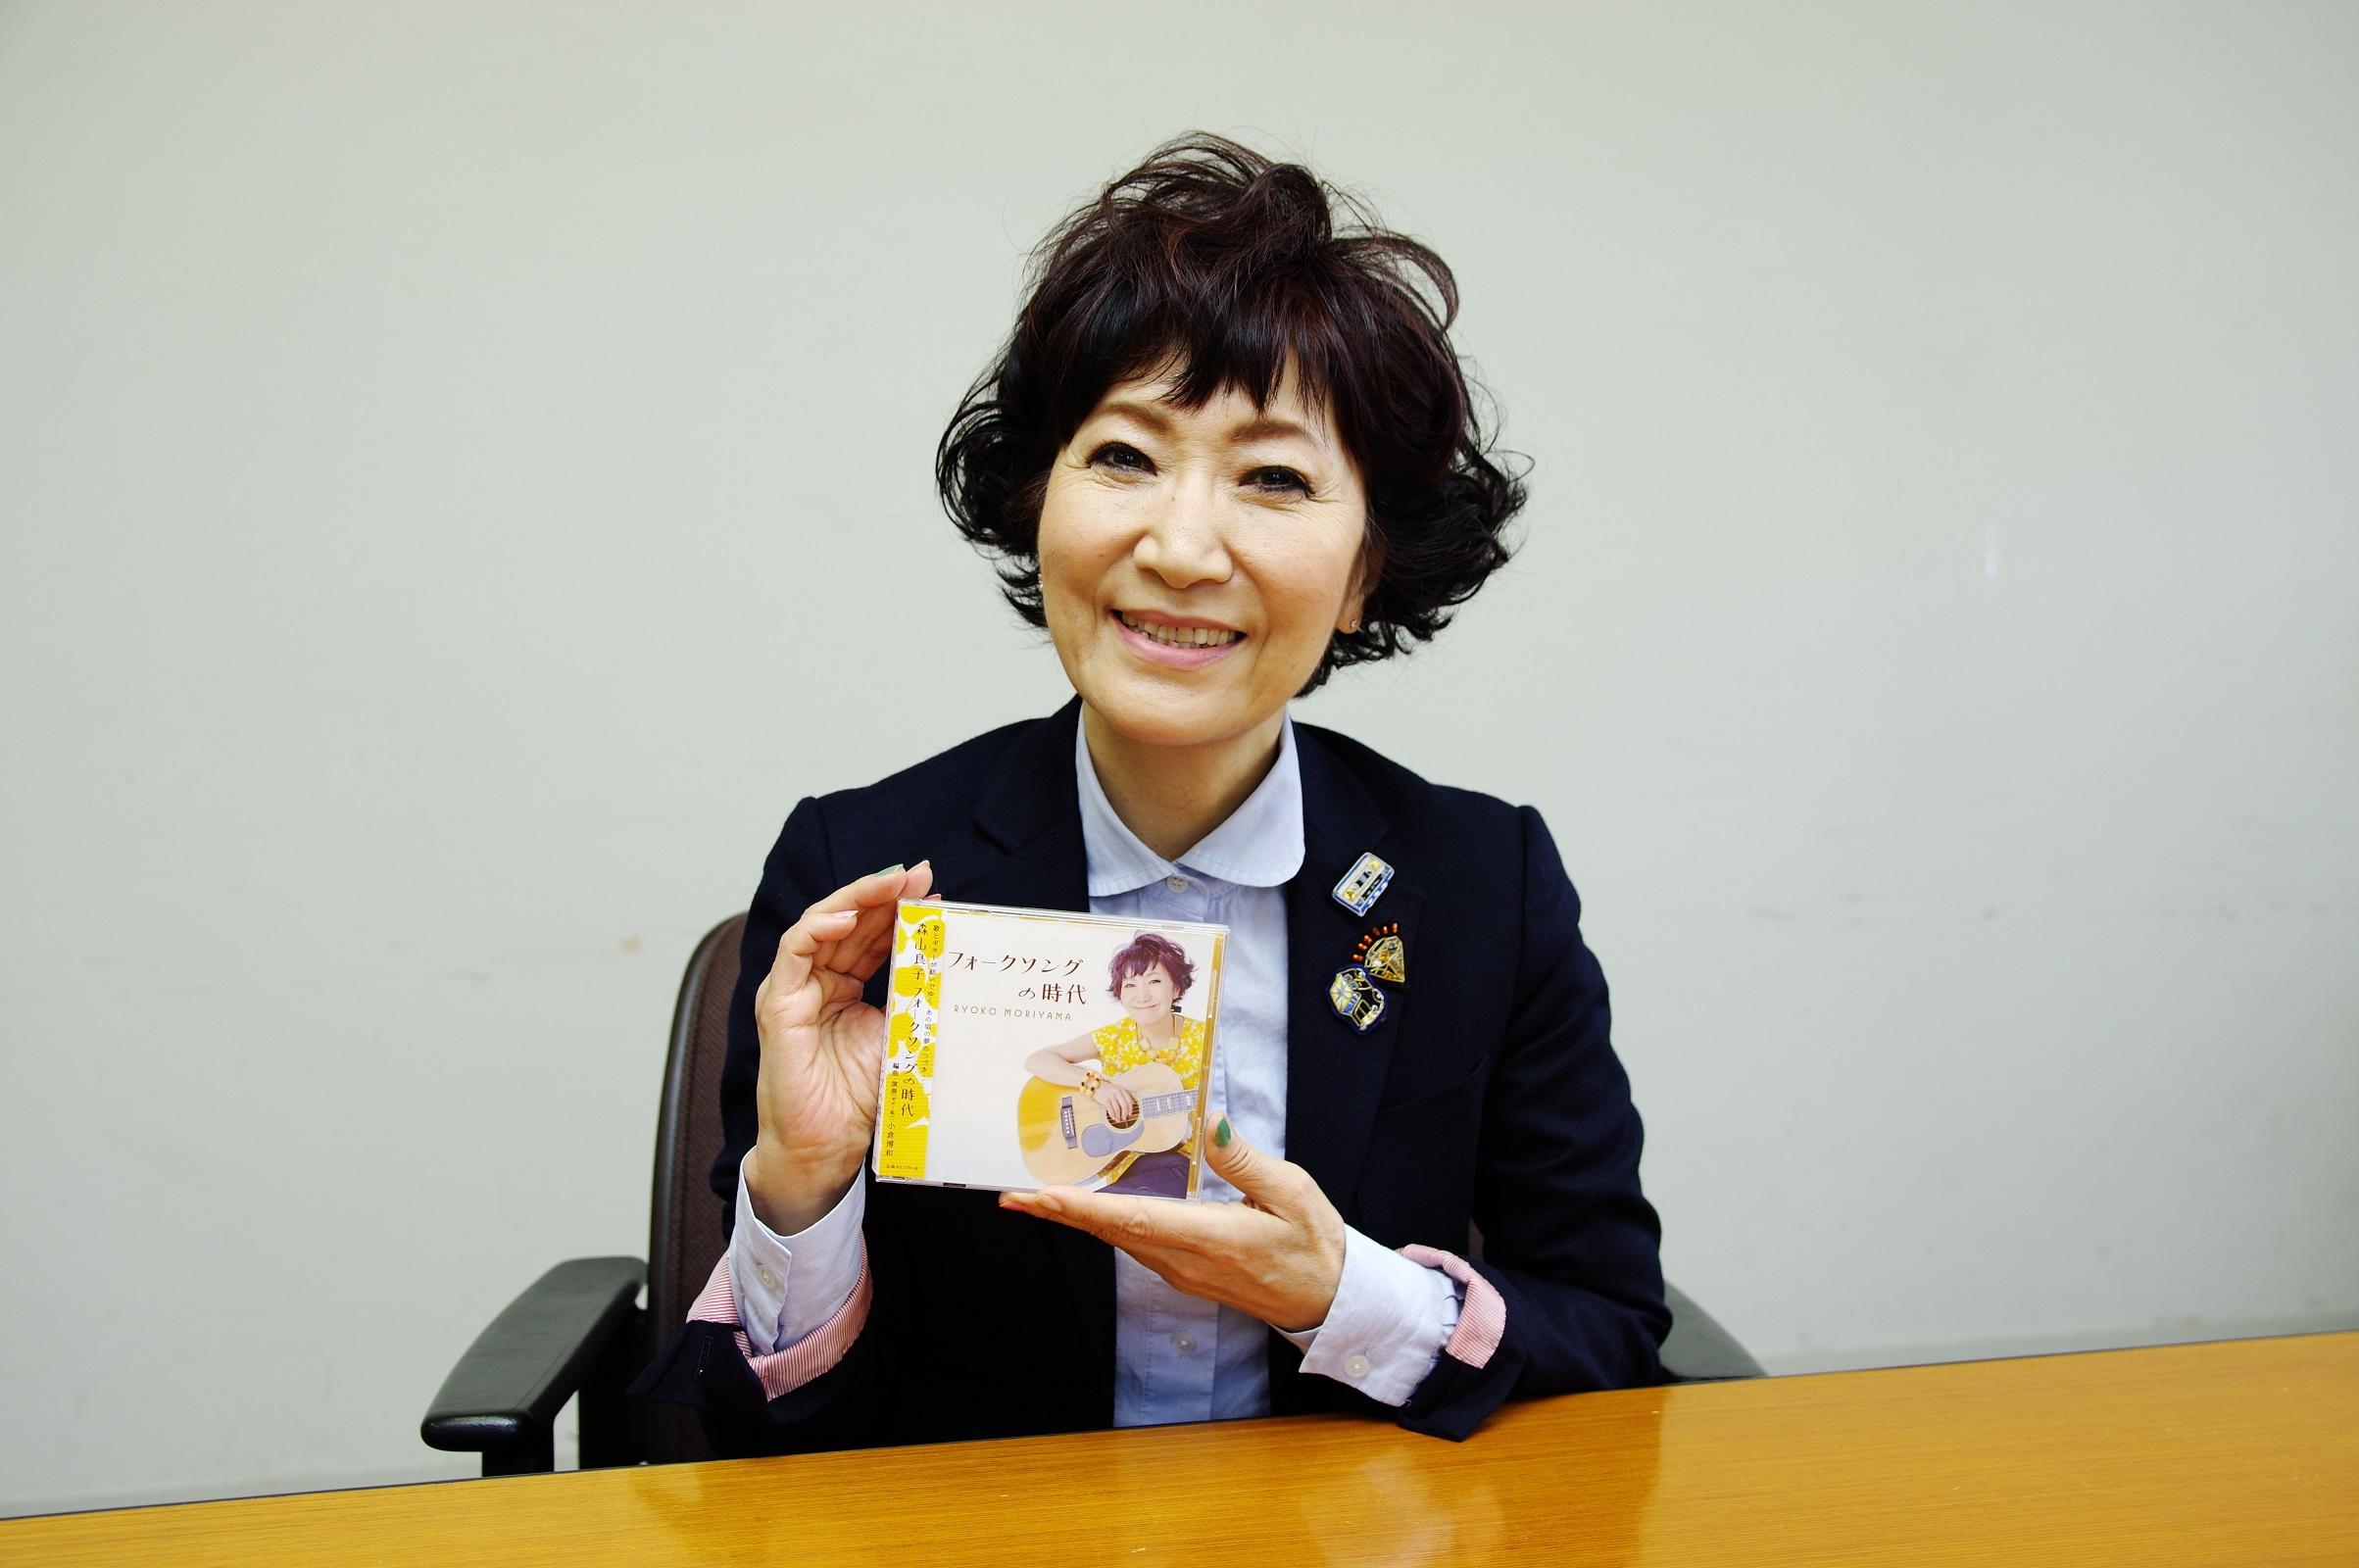 日本が誇るトップシンガー・森山良子さんにインタビューしてきた!